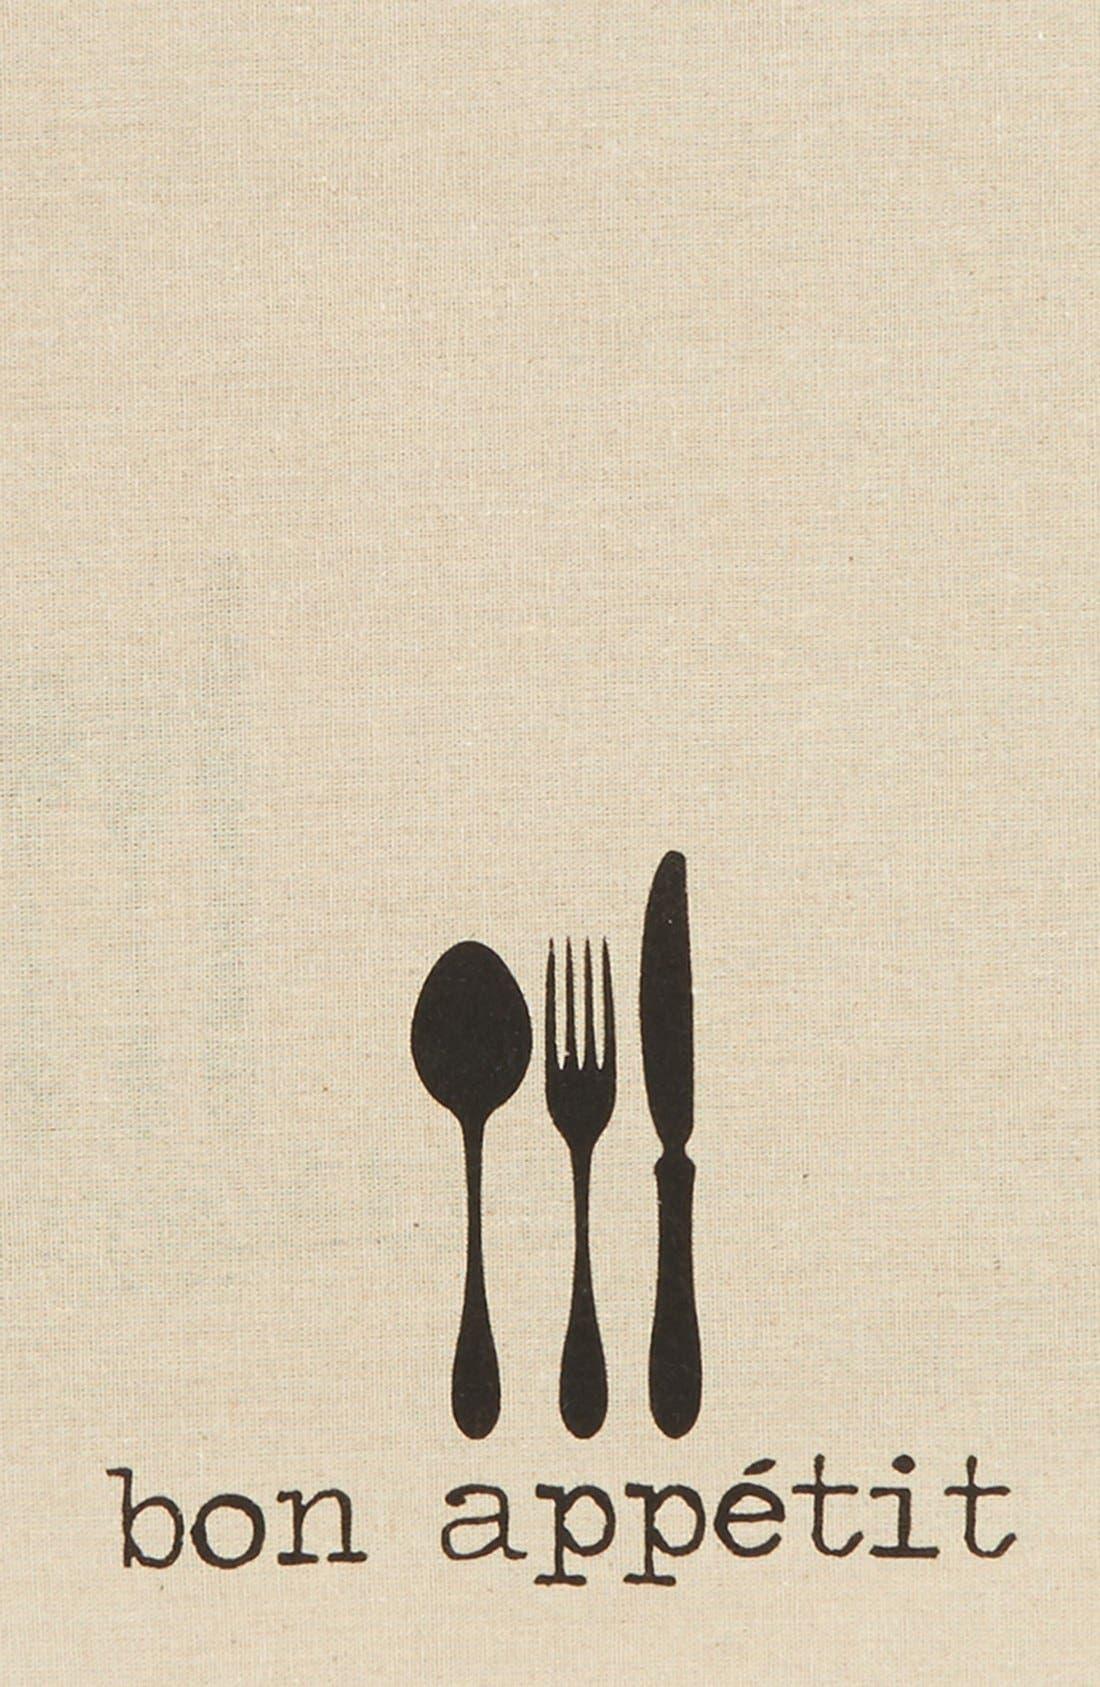 Alternate Image 2  - Levtex 'Bon Appétit' Burlap Placemats (Set of 2)